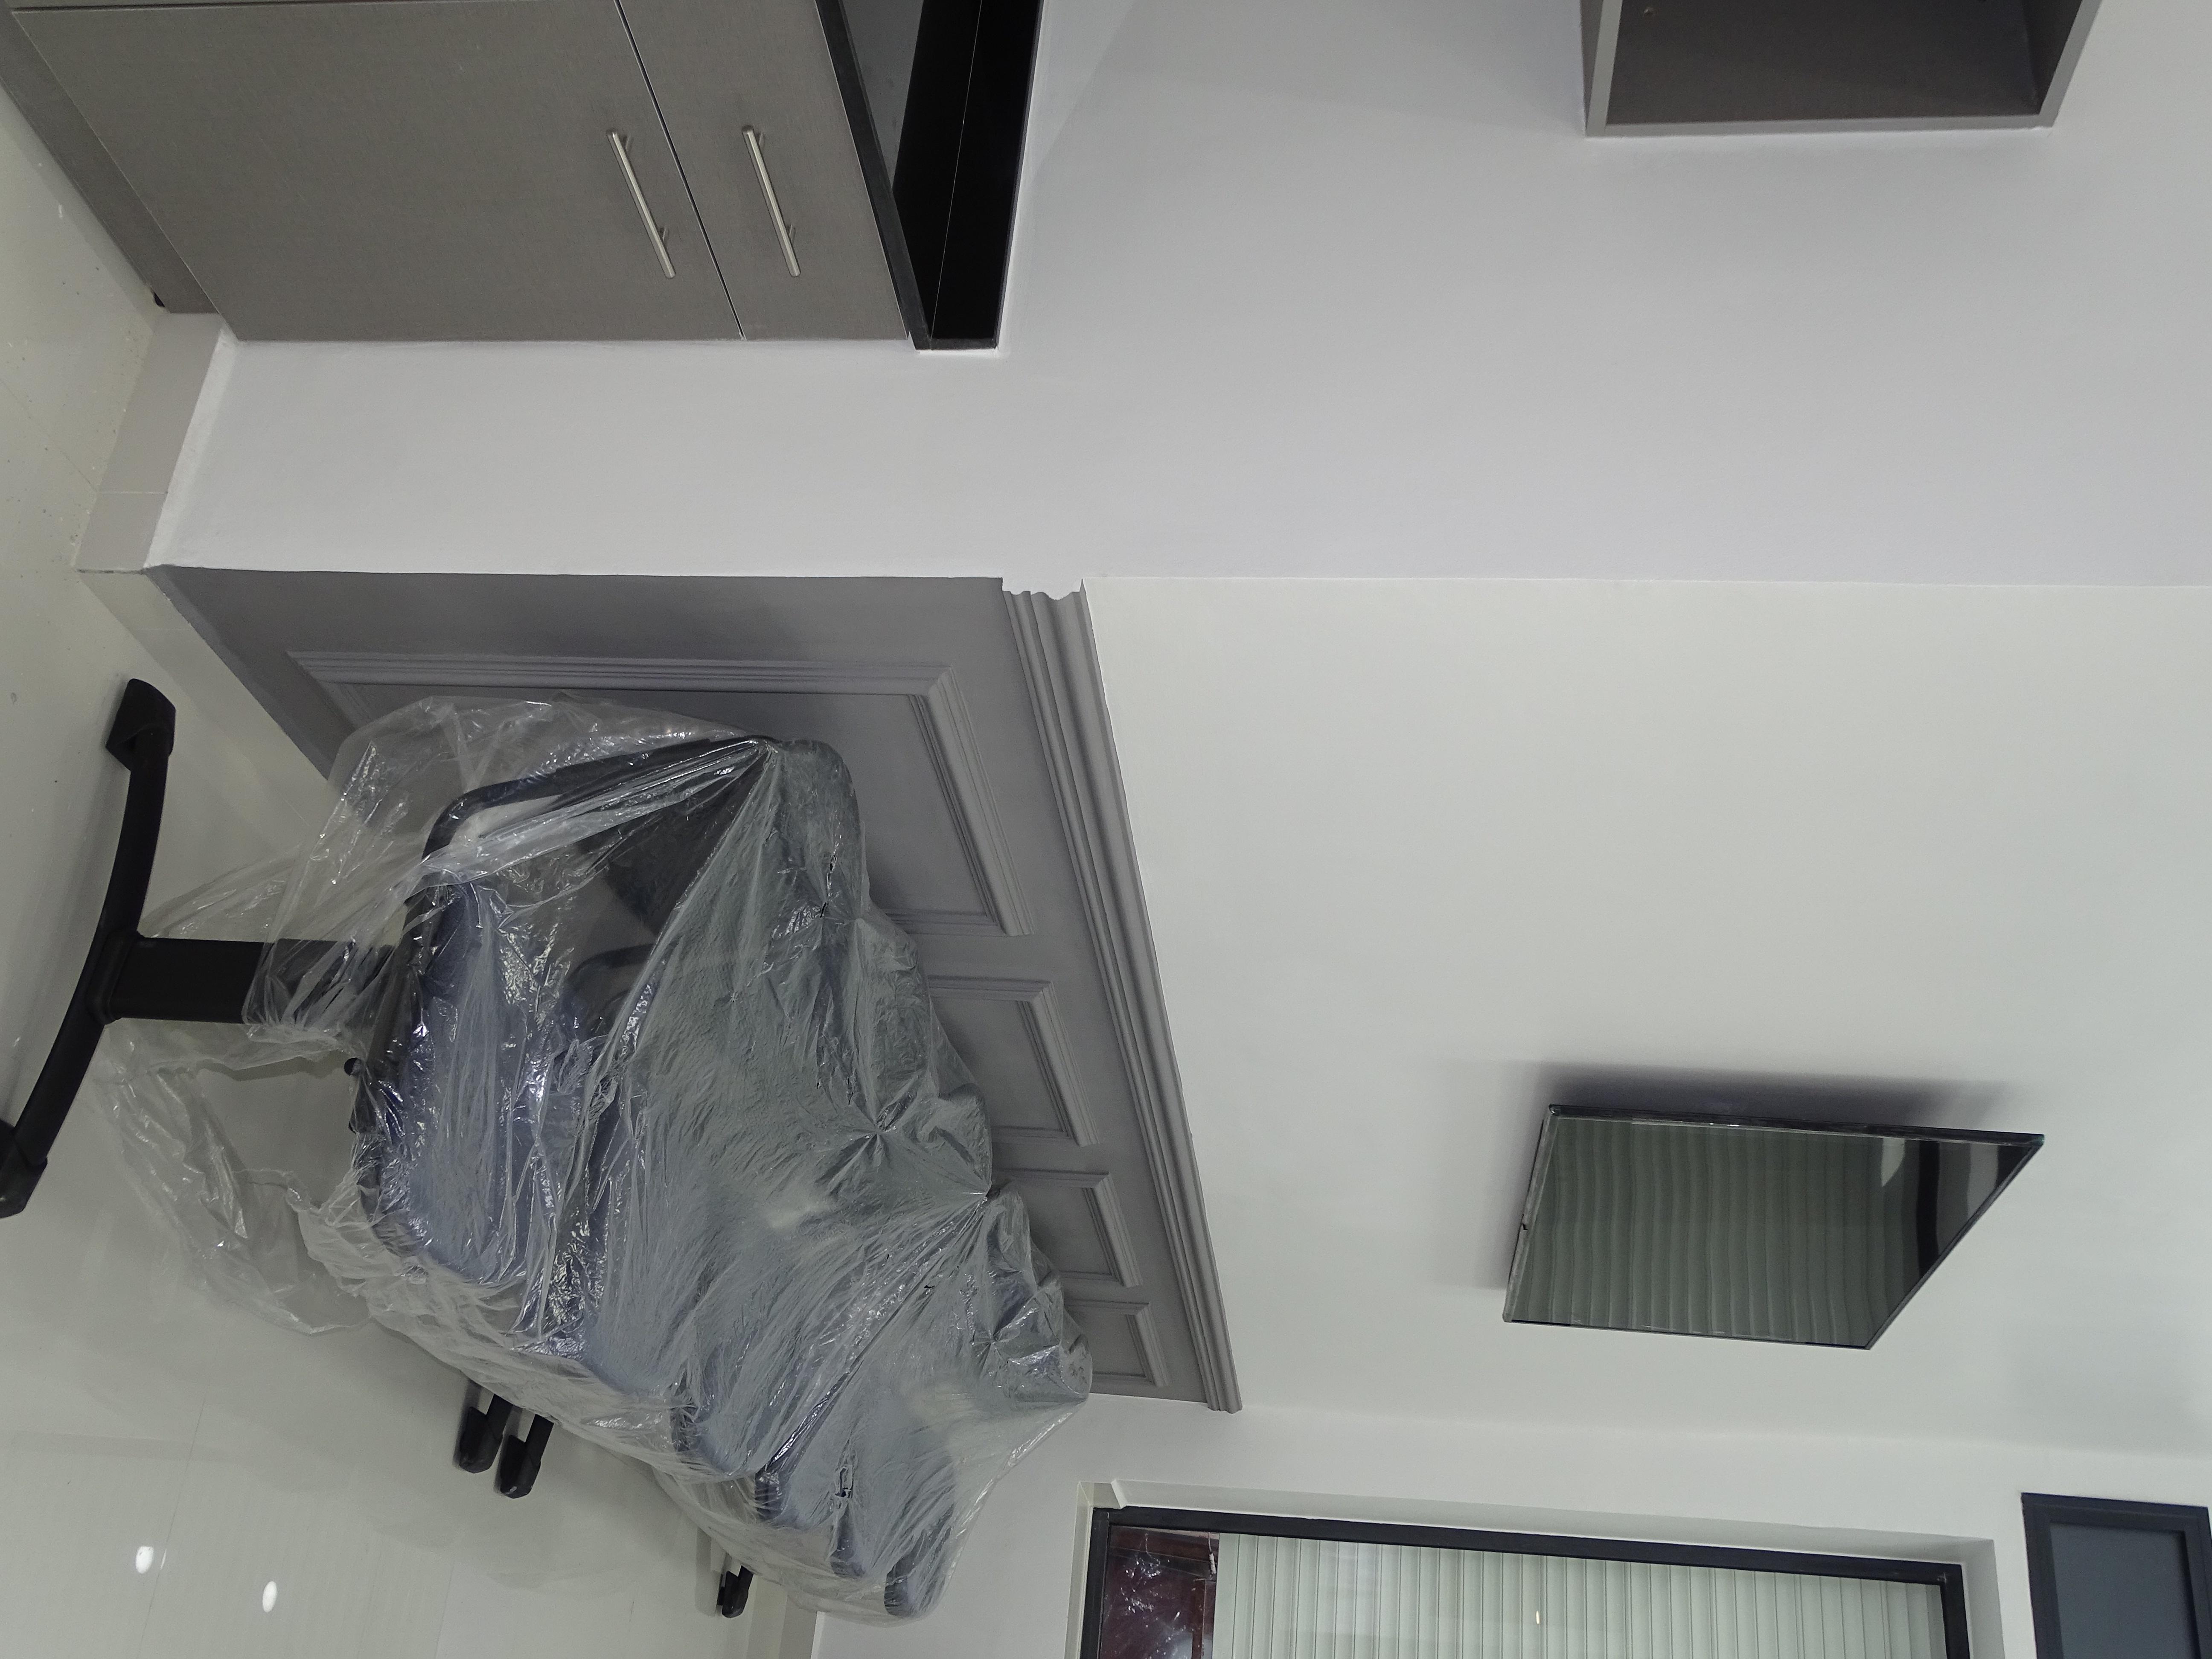 Gros oeuvre - électricité - Plomberie - Faux plafonds - ferronnerie - Menuiserie Bois - Menuiserie Aluminium - Climatisation - Verre - Marbre - Faïence - peinture - système d'alarme - enseignes - plans aménagement